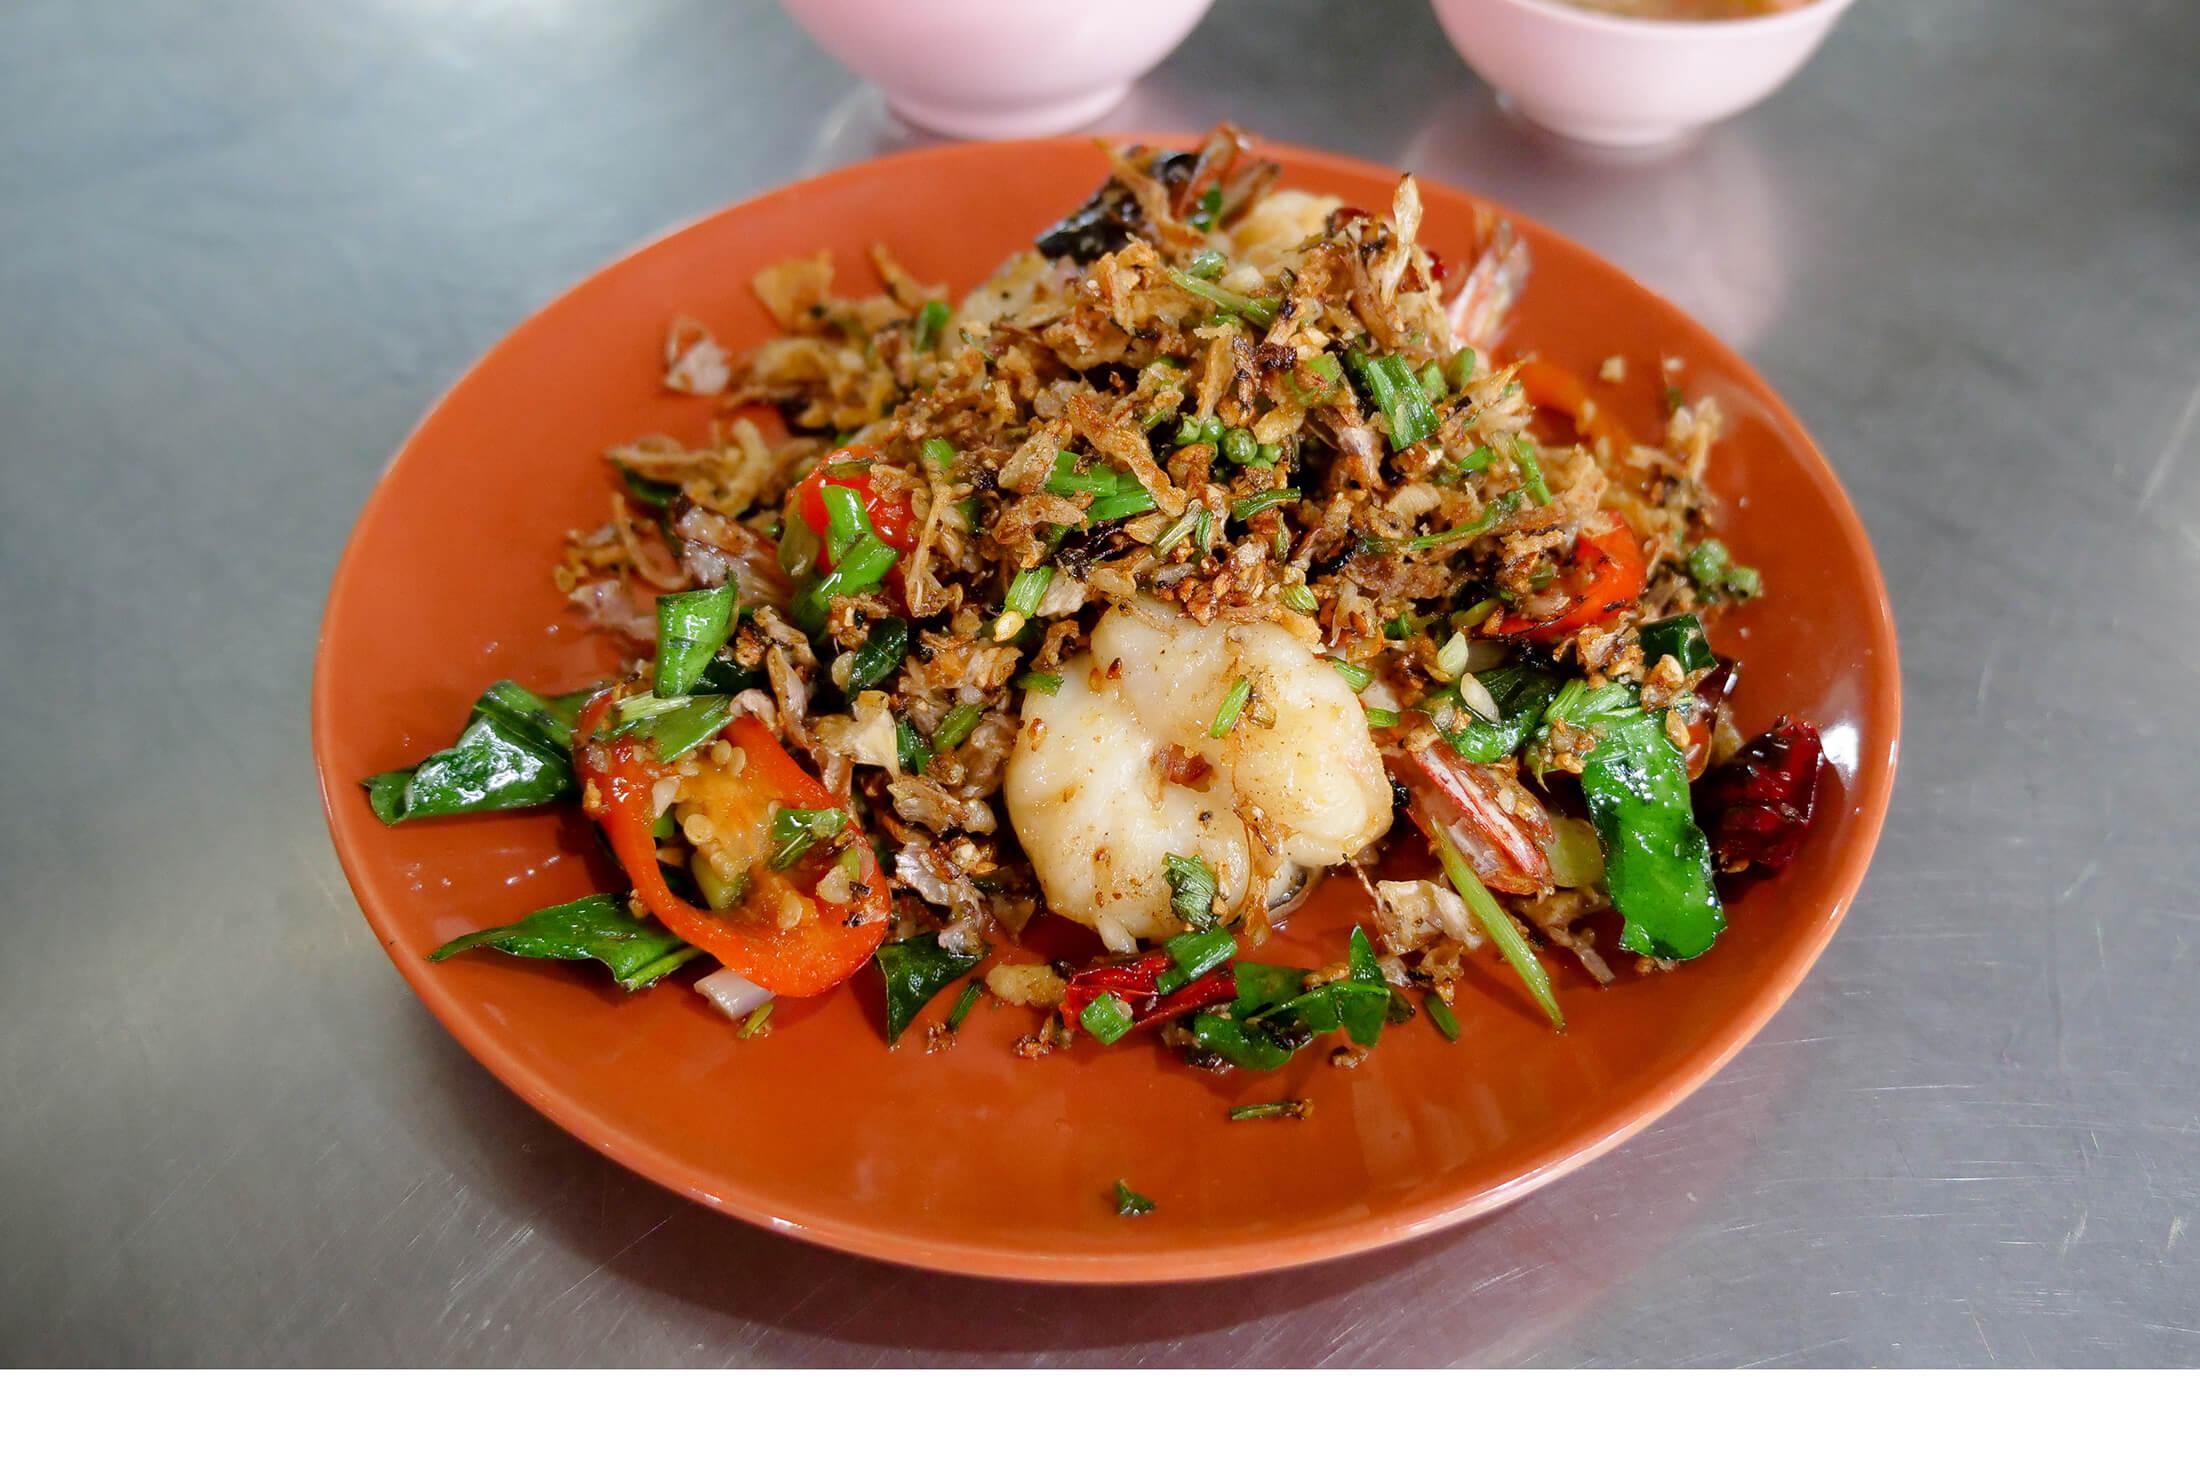 Surprising Sea Food in Chiang Mai, at Lerd Rote Tai Rom Ma Feuang